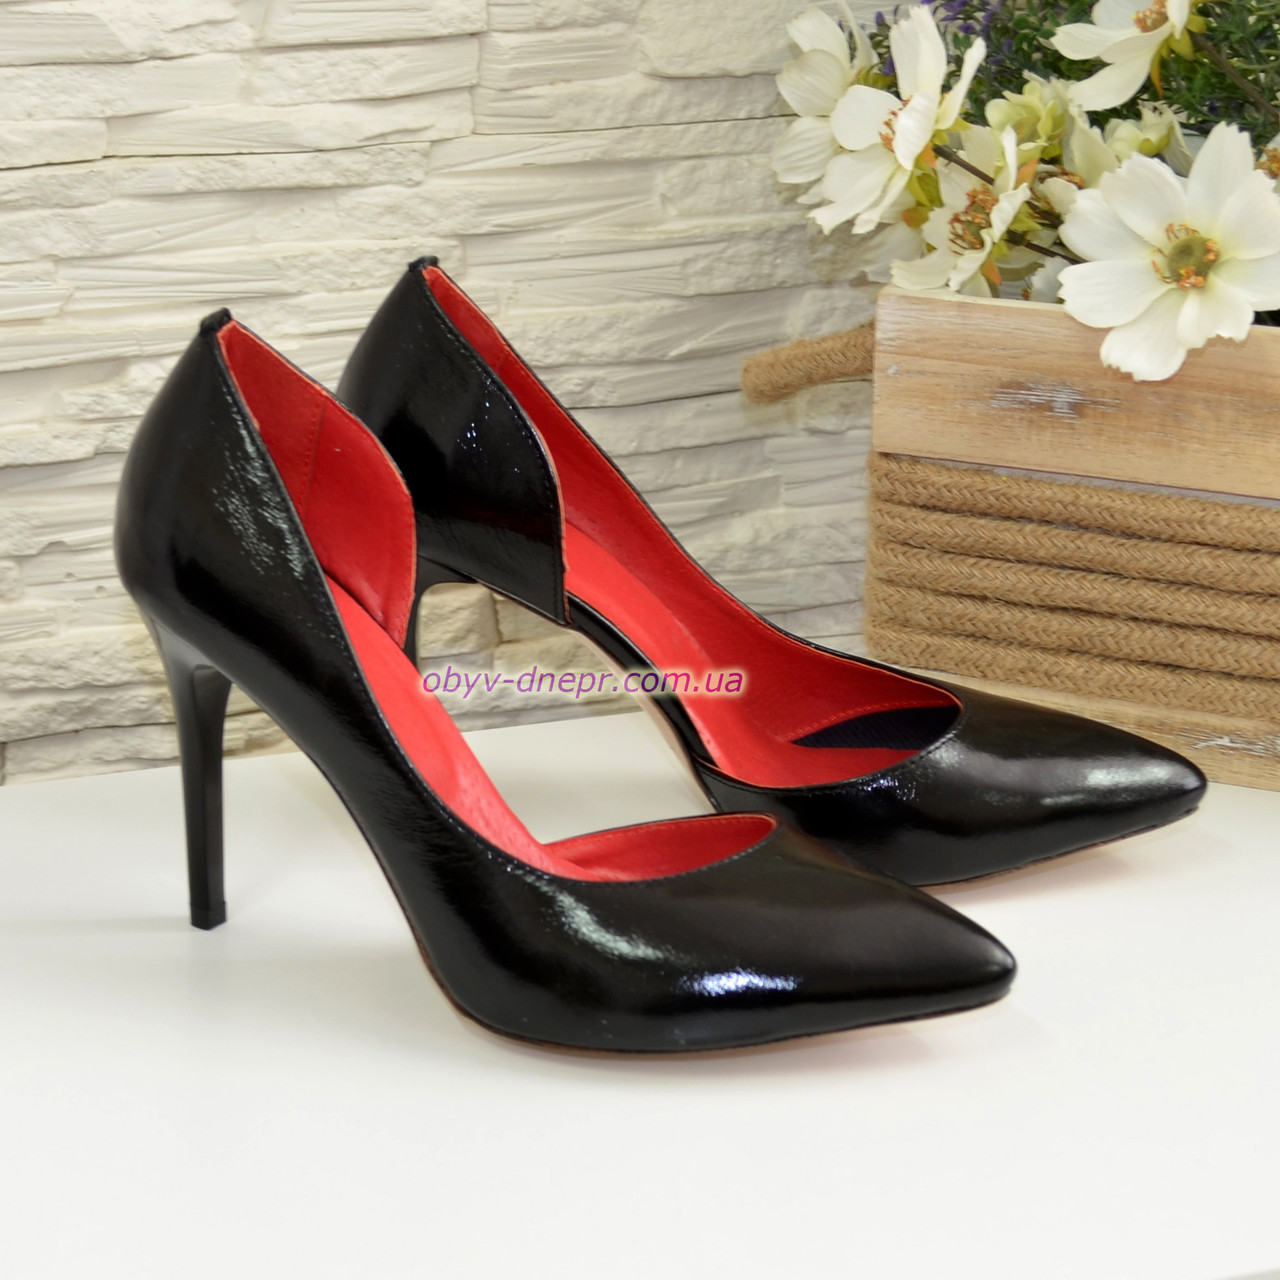 Женские черные лаковые туфли на шпильке